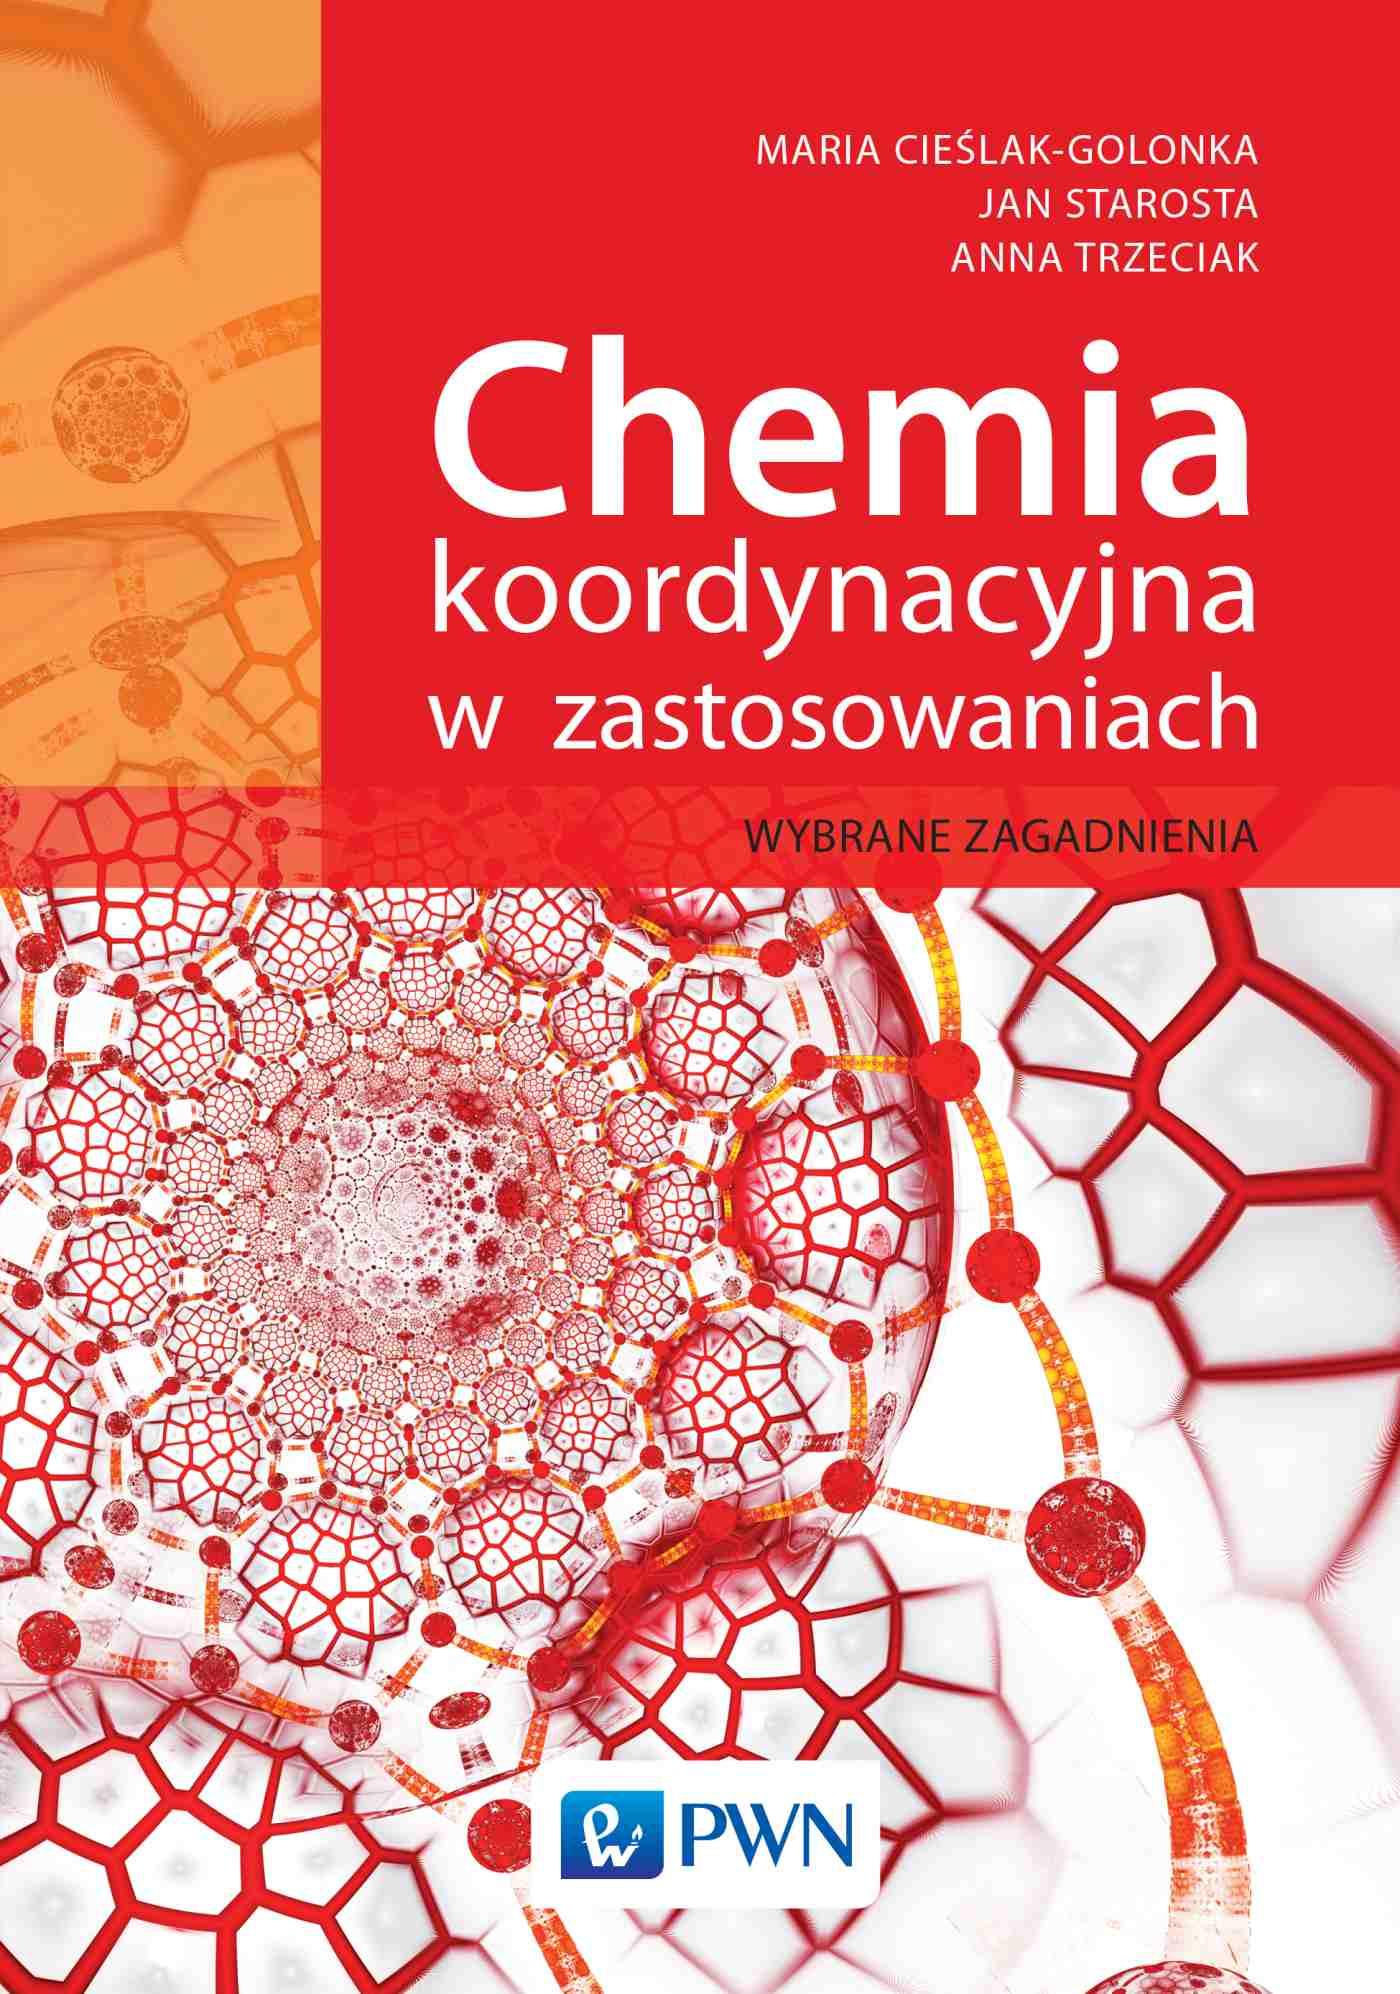 Chemia koordynacyjna w zastosowaniach. Wybrane zagadnienia - Ebook (Książka EPUB) do pobrania w formacie EPUB